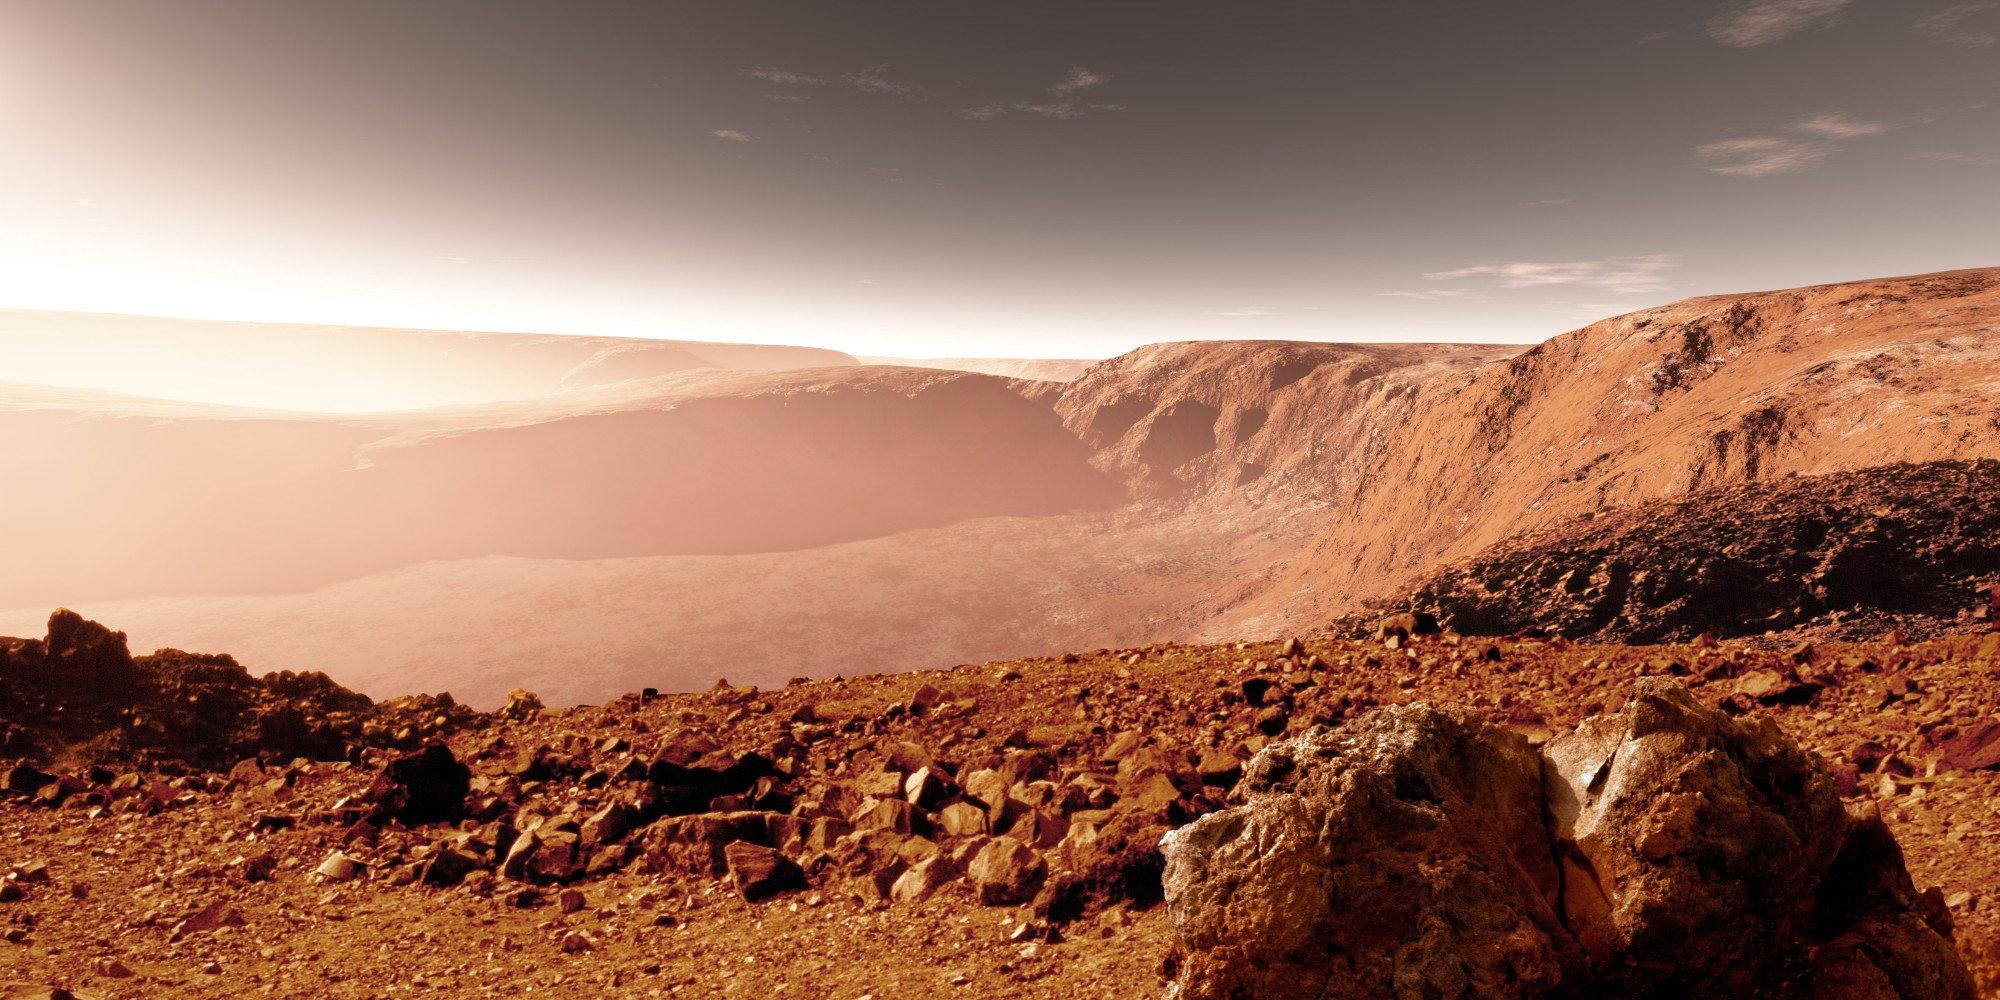 В 2020-ом году наЗемлю привезут часть Марса